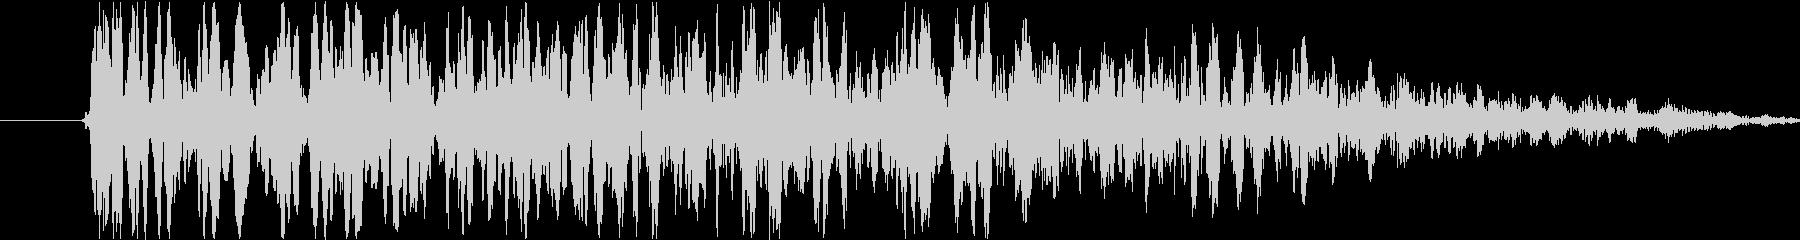 ヘビーローインパクトアンドウーッシ...の未再生の波形